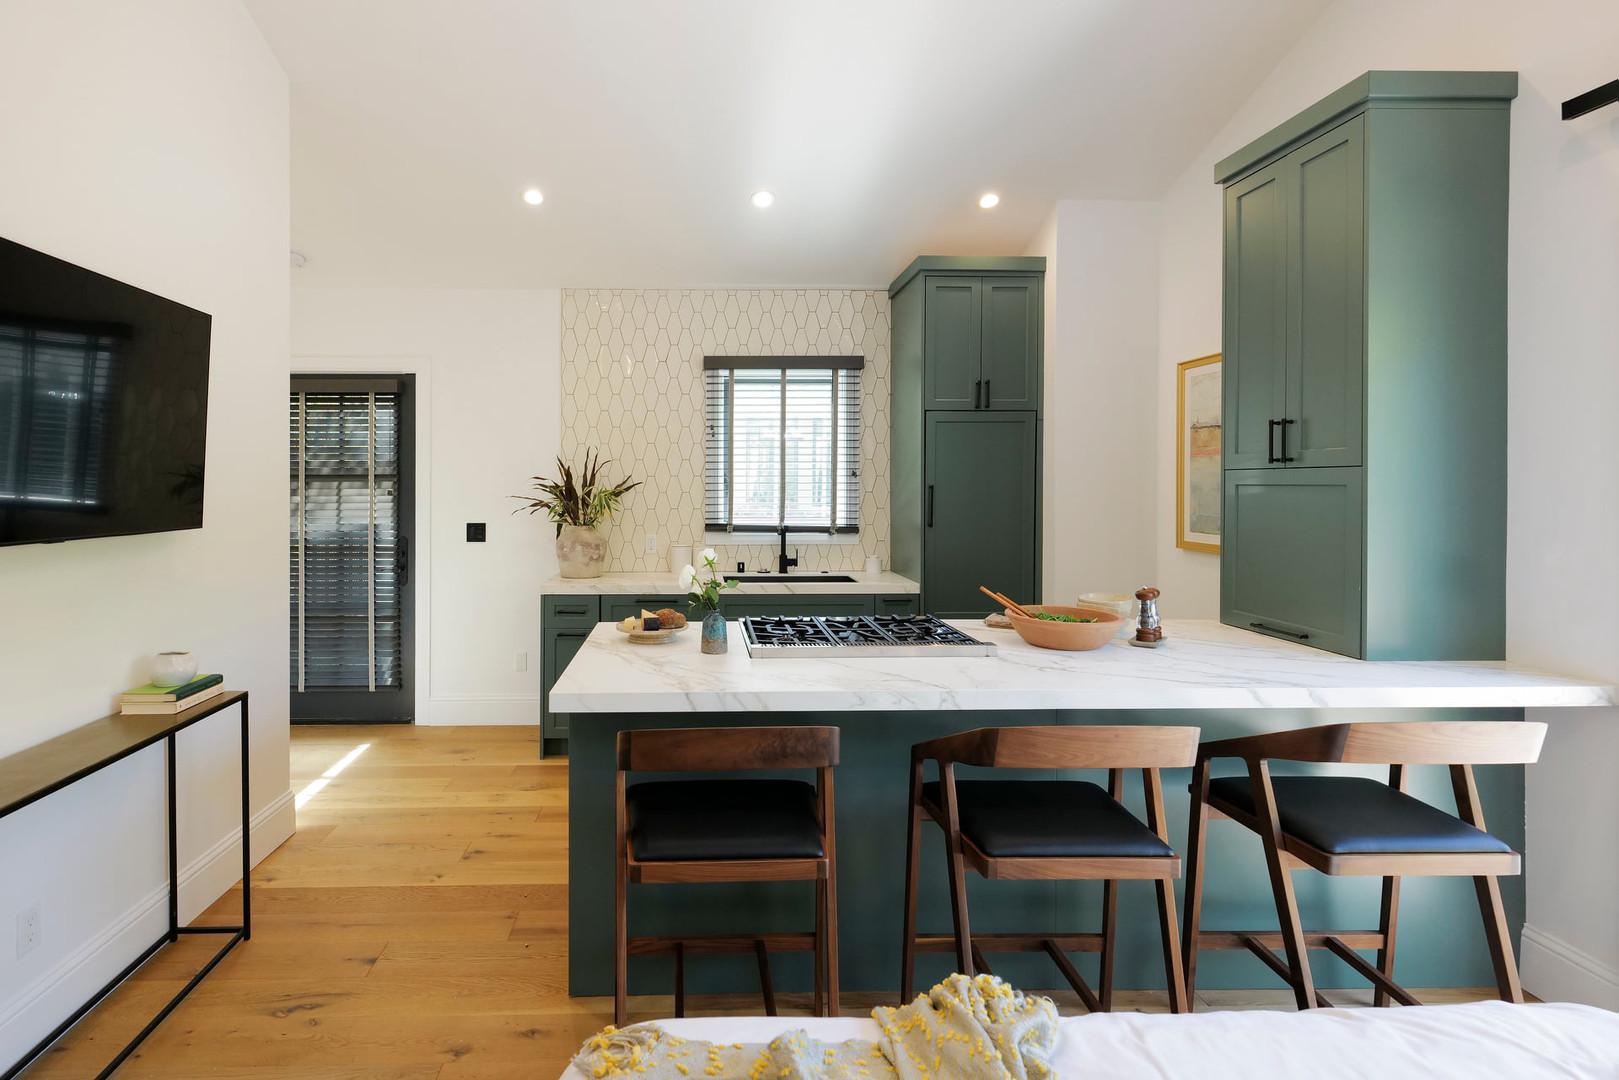 Kitchens designed